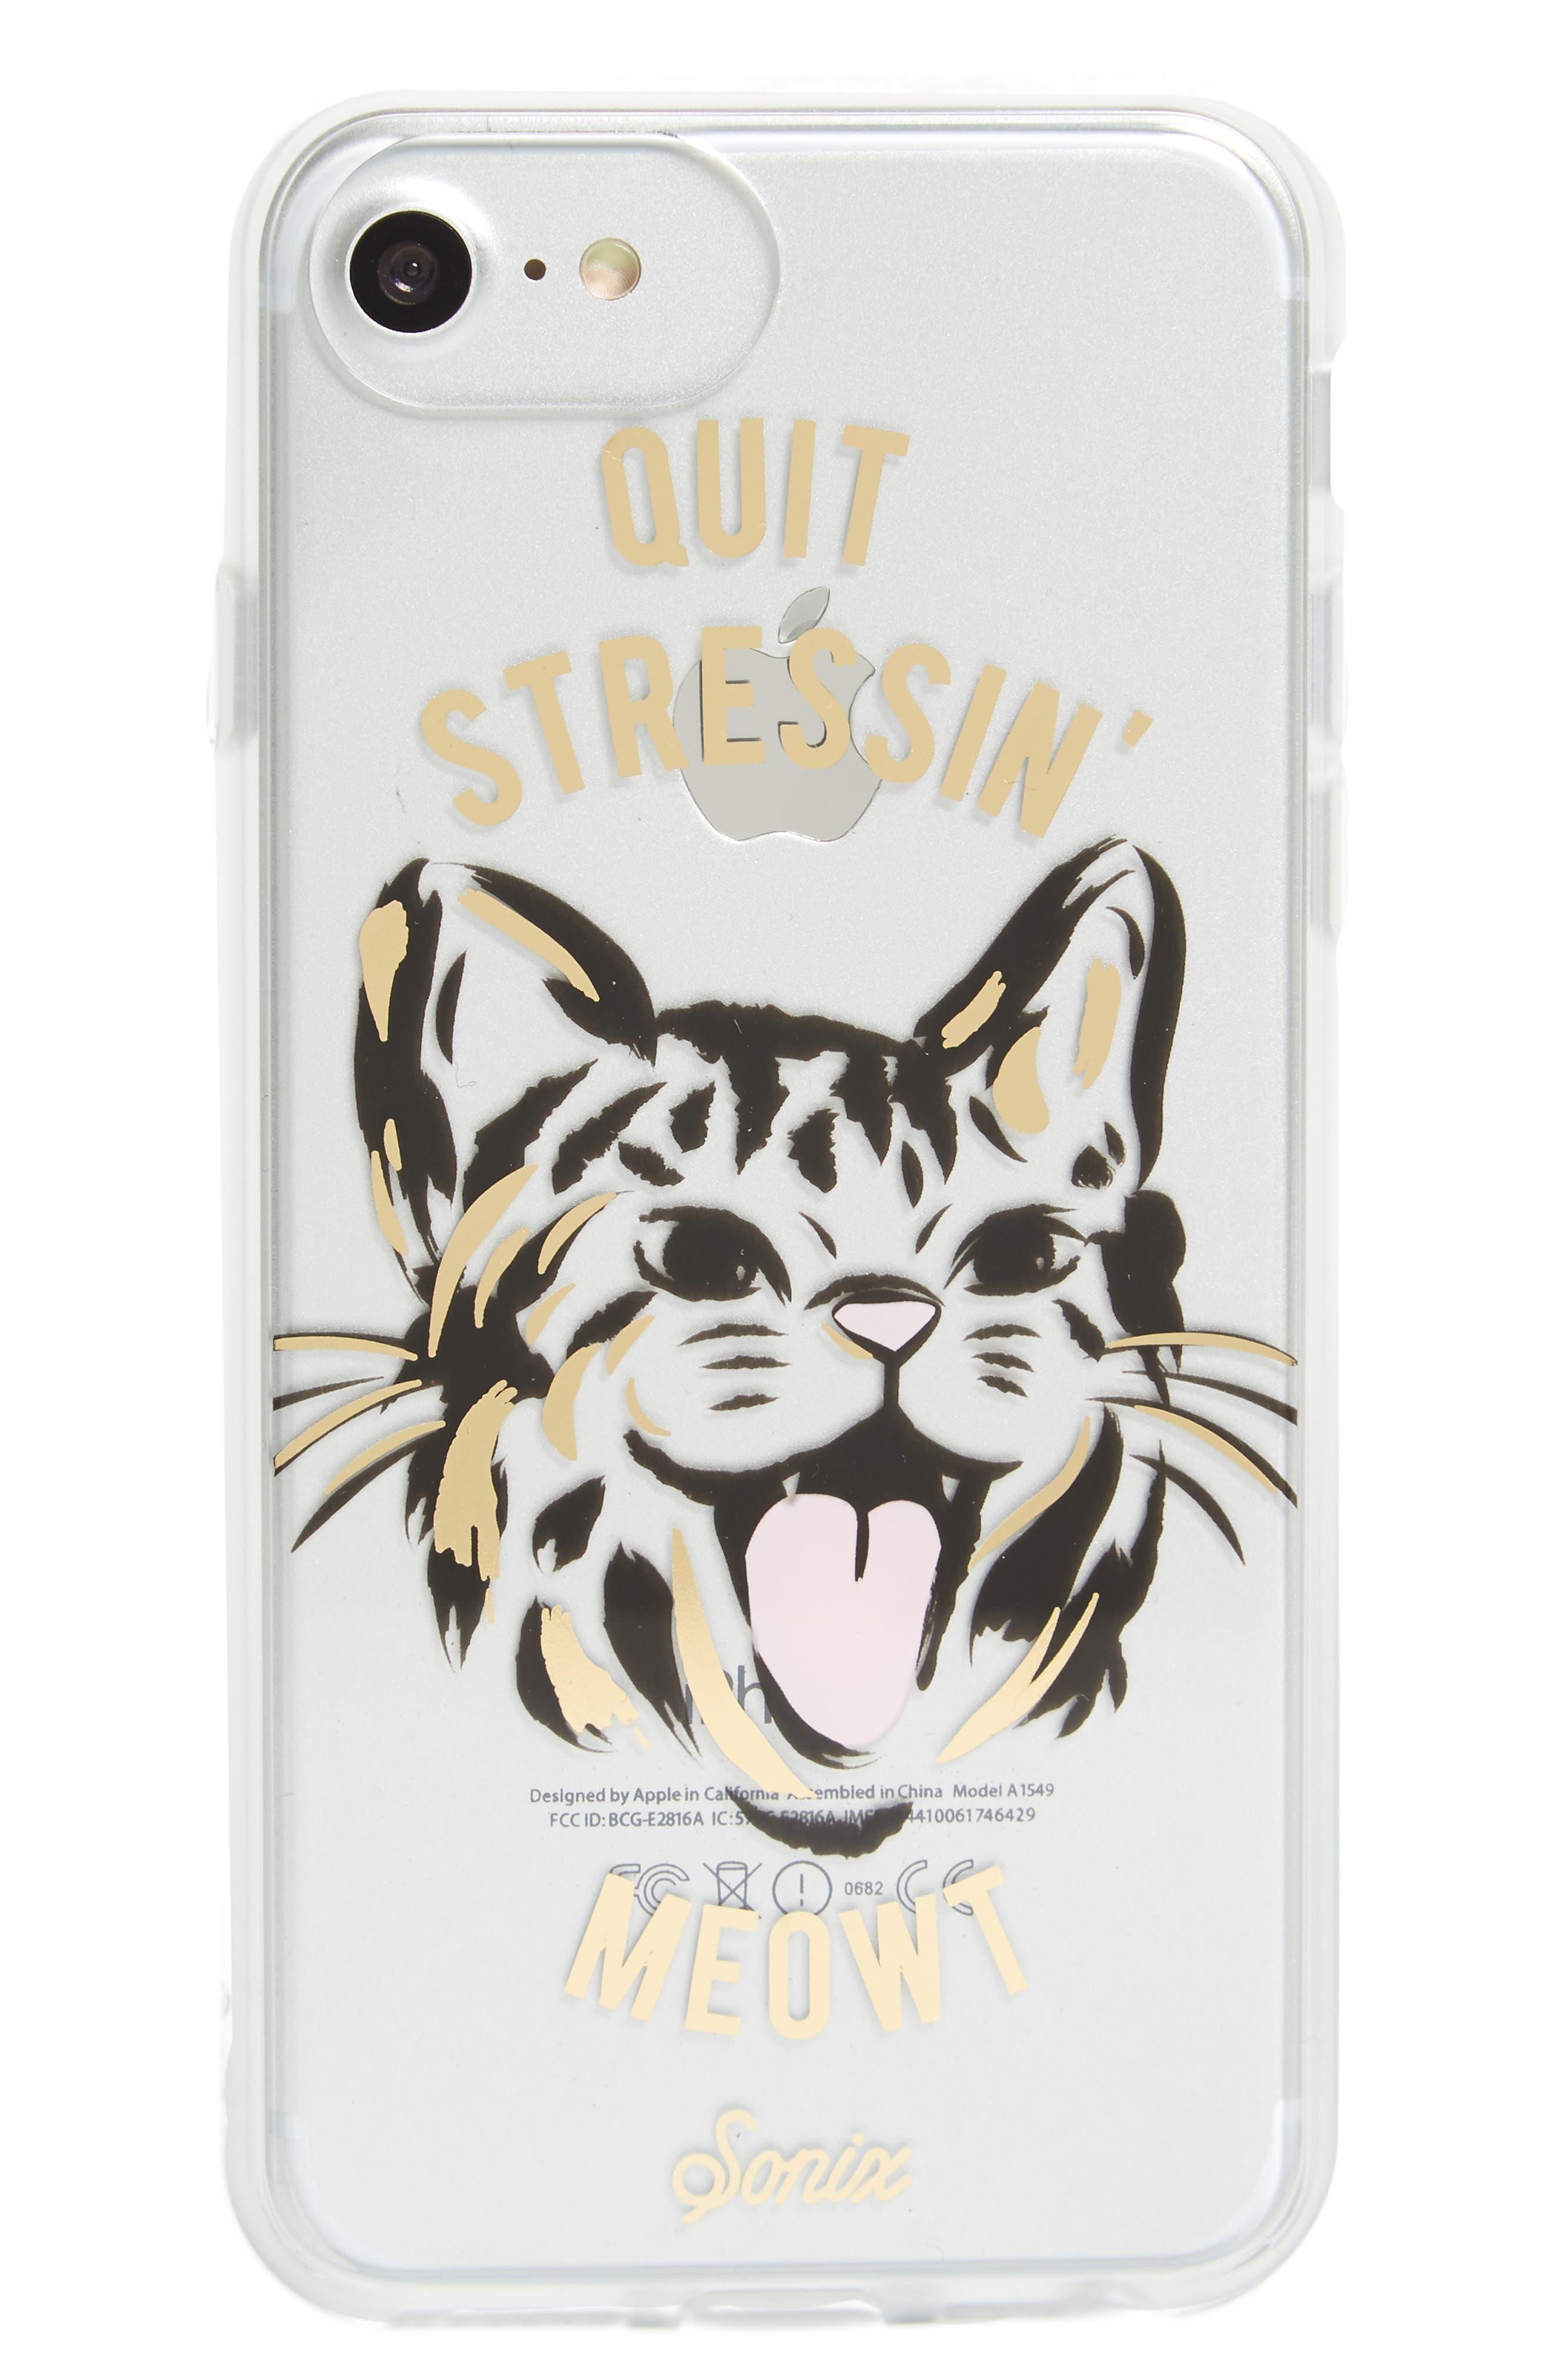 Quit Stressin' Meowt iPhone 6/6s/7/8 & 6/6s/7/8 Plus Case,                             Main thumbnail 1, color,                             710